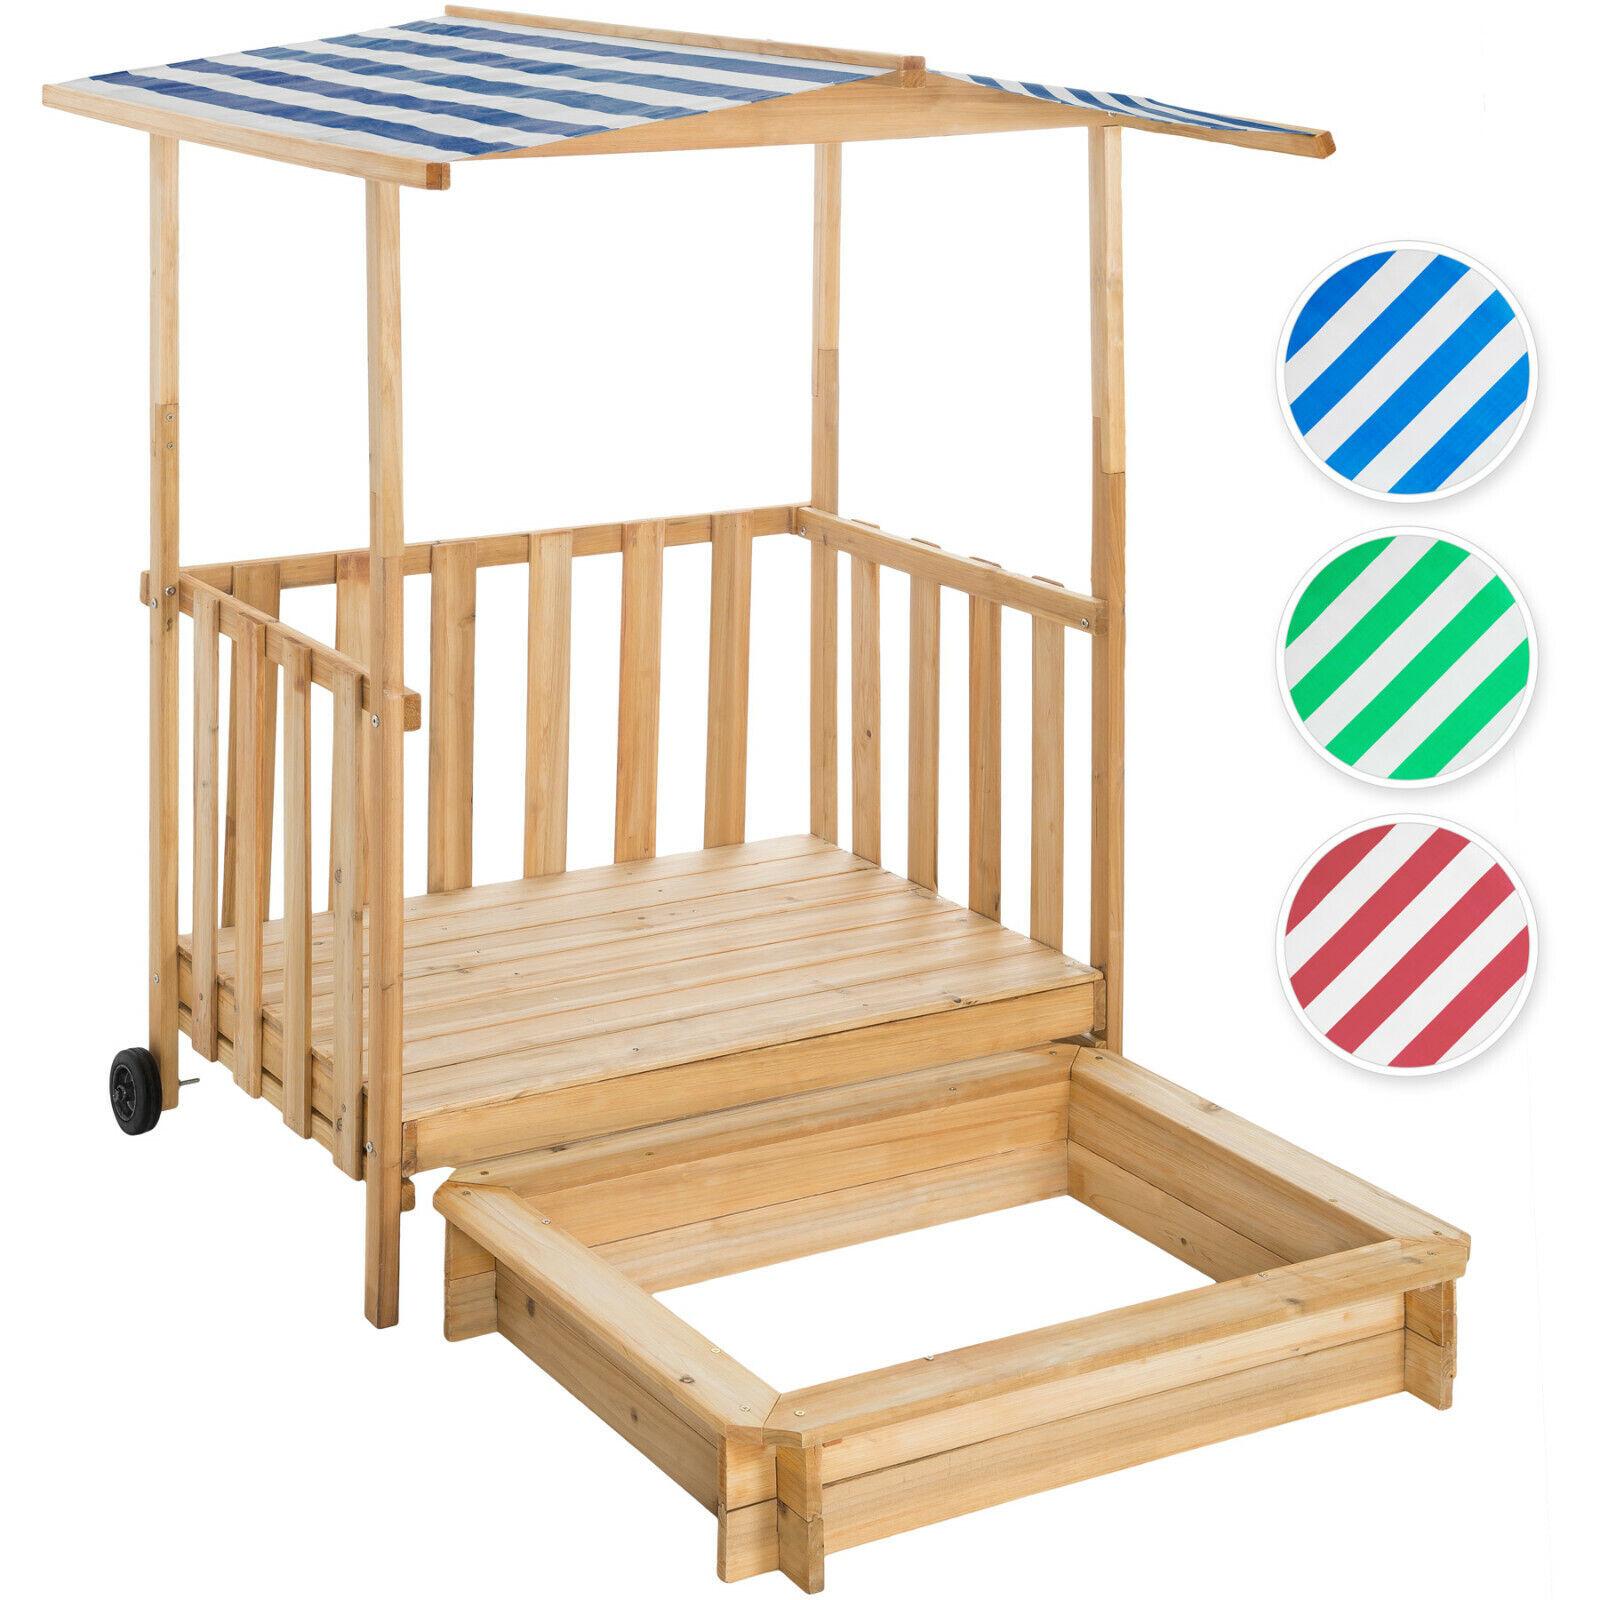 Sandkasten mit Dach Spielhaus Spielveranda aus Holz Sandbox Sandkiste mit Deckel